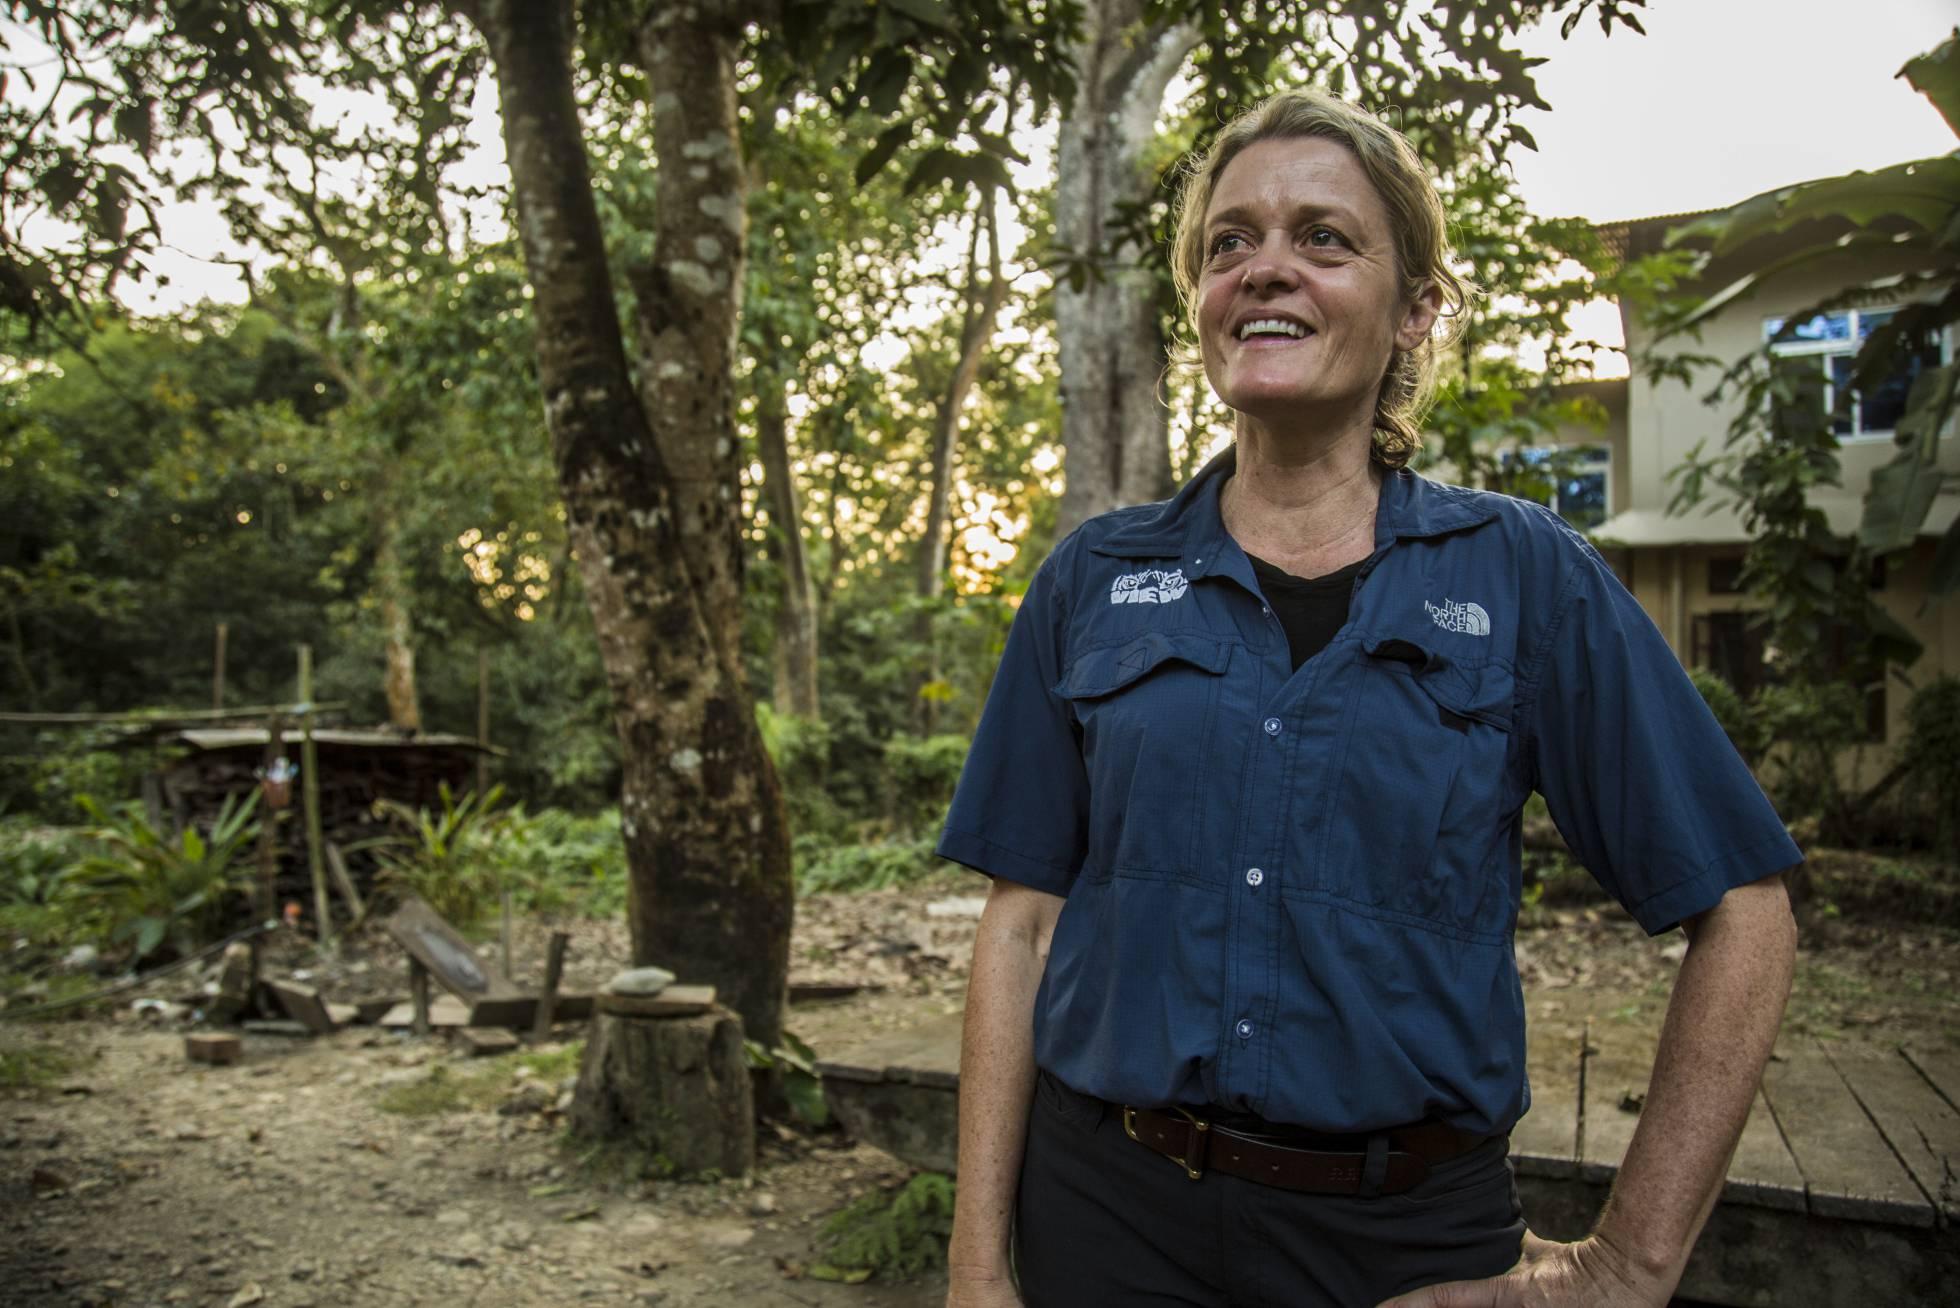 La veterinaria Deborah McCauley, fundadora de VIEW.